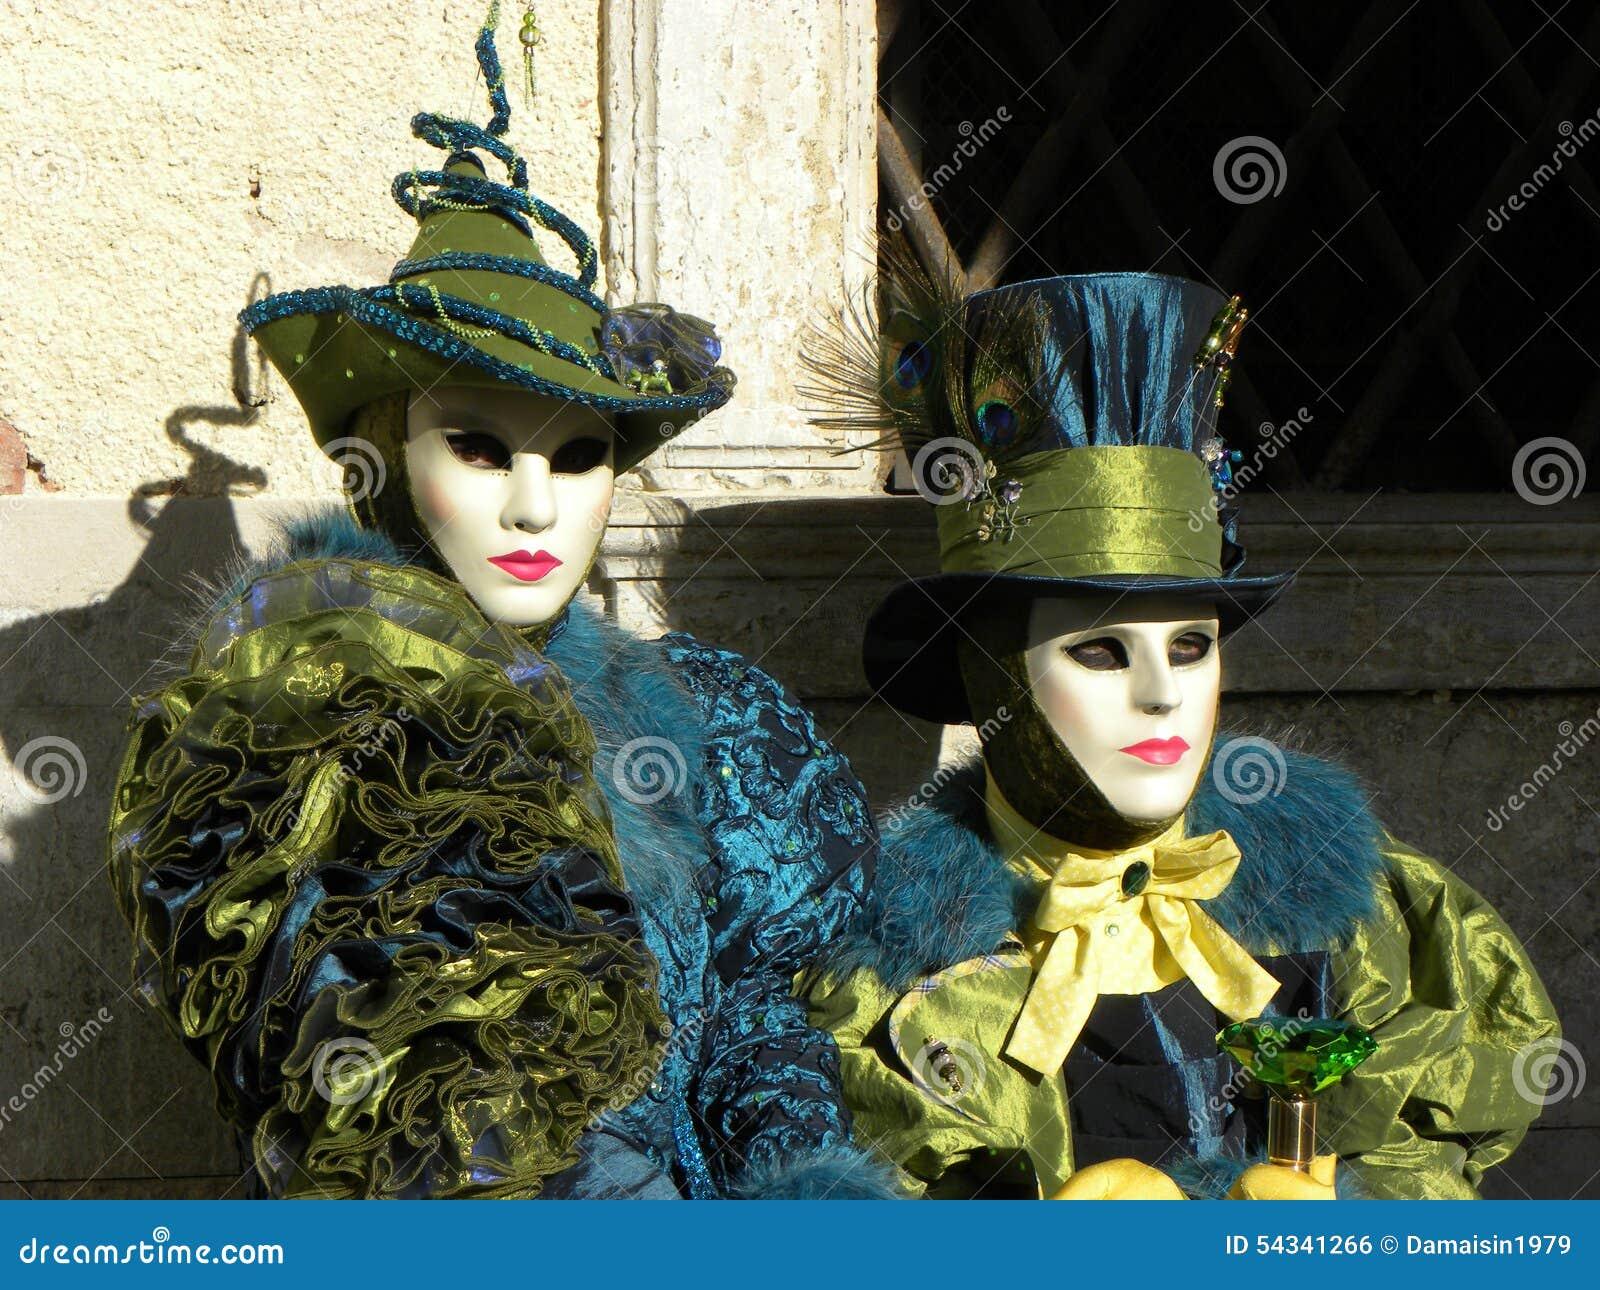 Maschere Fantastiche, Carnevale Di Venezia Fotografia Stock - Immagine: 54341266